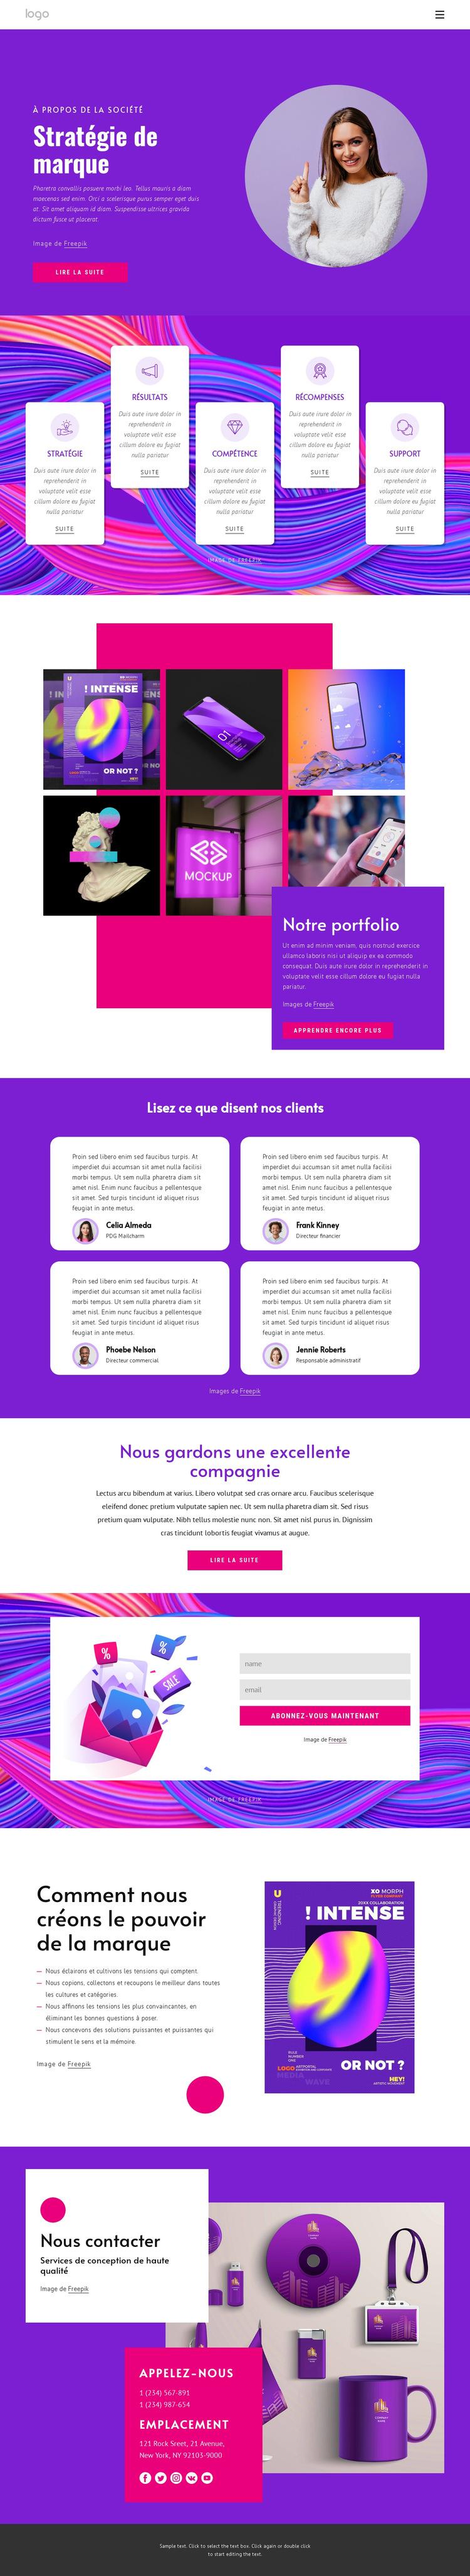 Agence de stratégie de marque Modèle de site Web